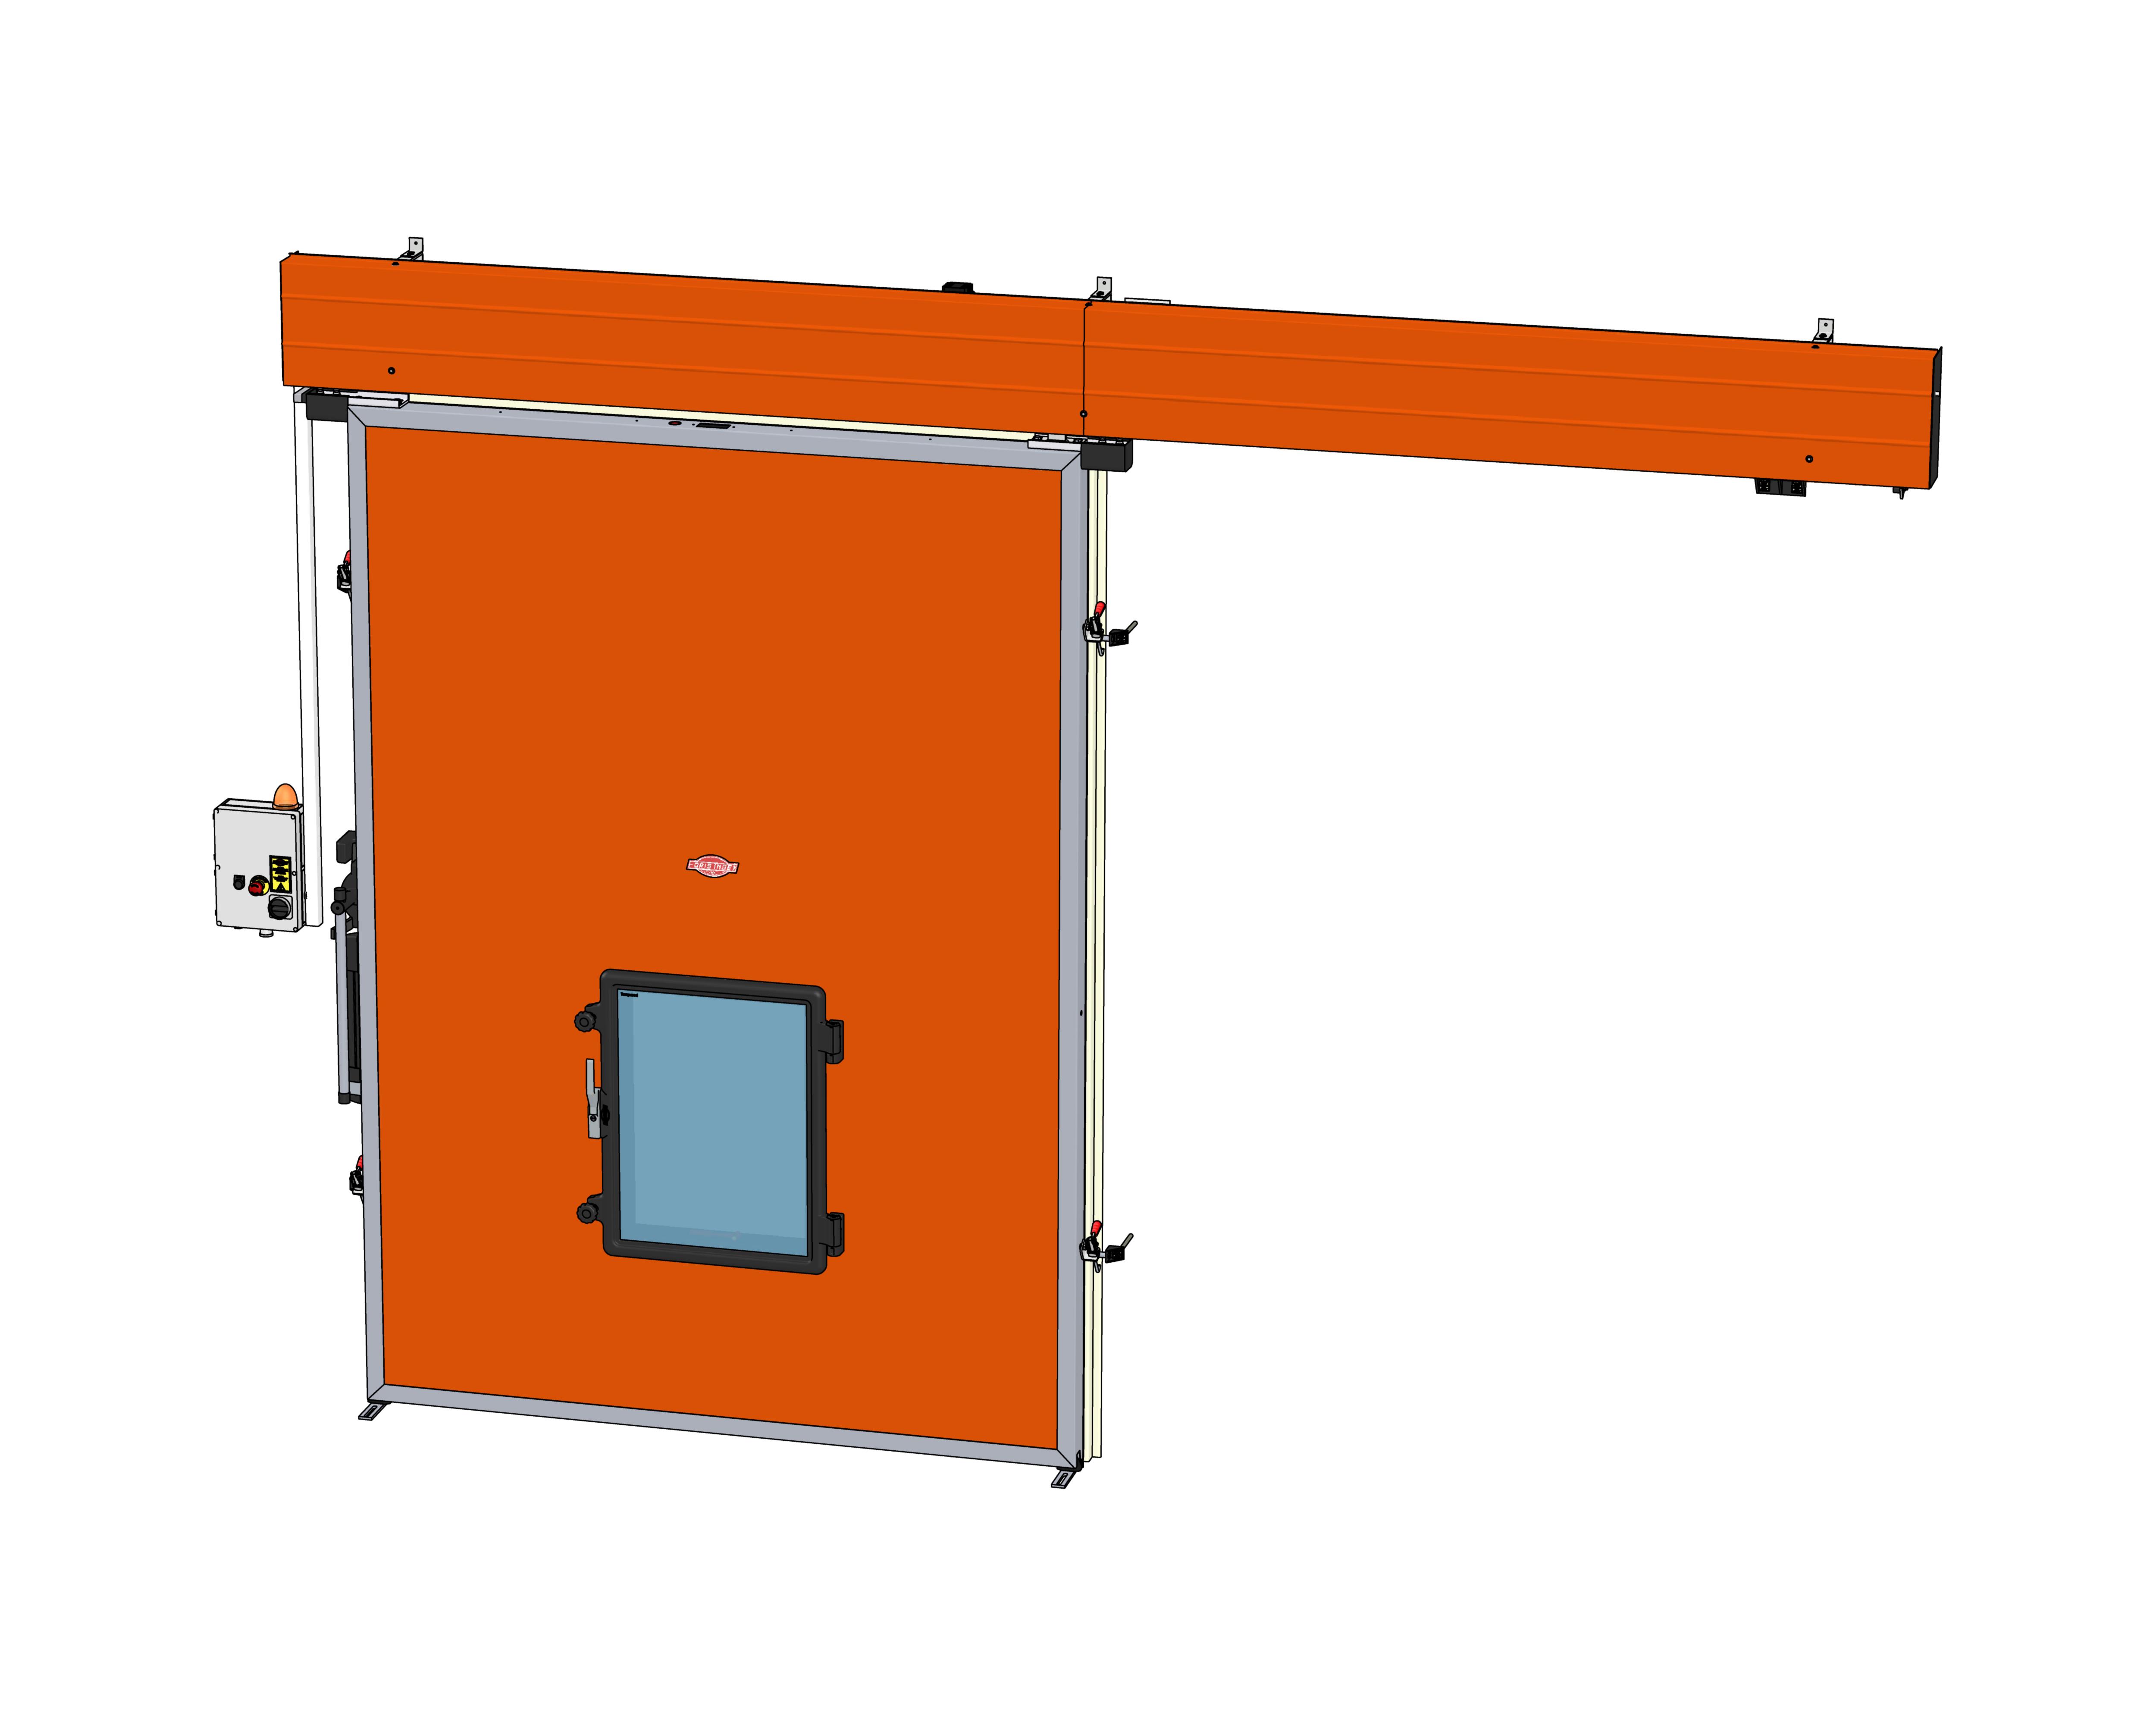 Commercial Door Fixtures : Cold storage doors Πάνελ Πολυουρεθάνης Πόρτες Ψυκτικών